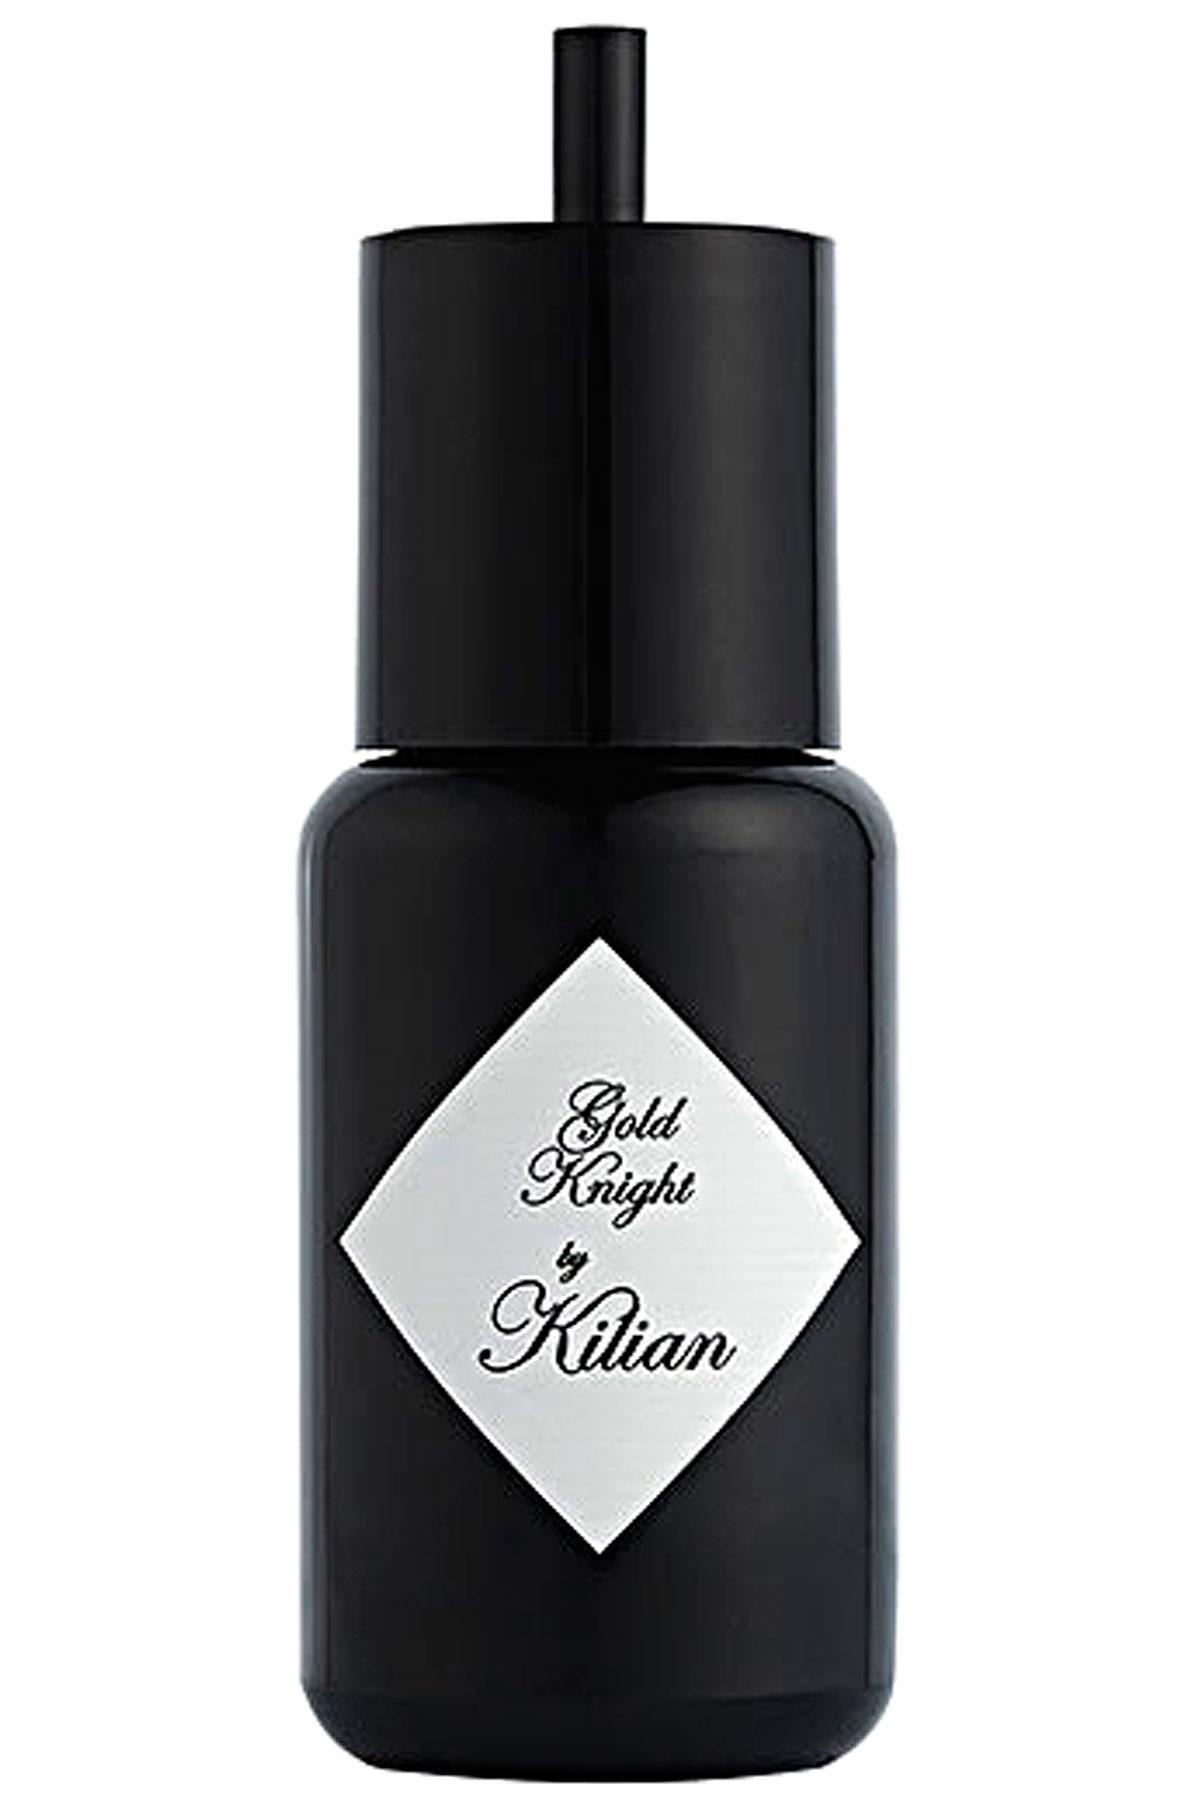 Kilian Fragrances for Men, Gold Knight - Refill - 50 Ml, 2019, 50 ml